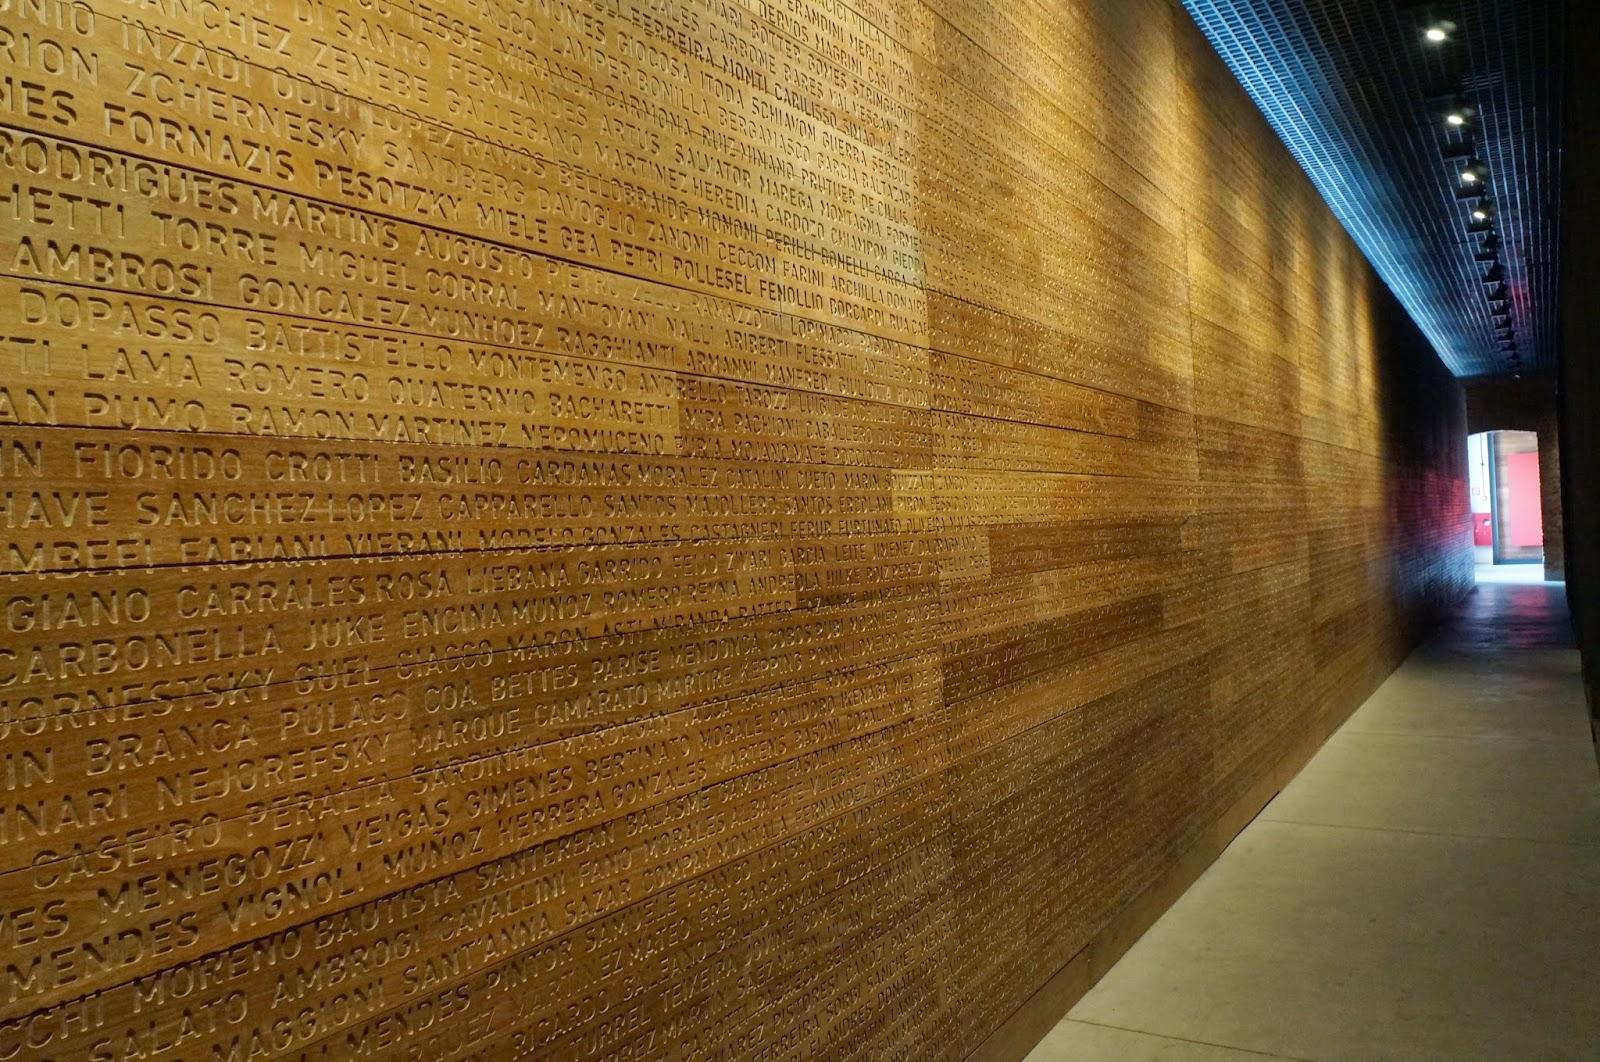 Museu da Imigração - SP: Grande paredão com sobrenomes das pessoas que passaram pela Hospedaria dos Imigrantes